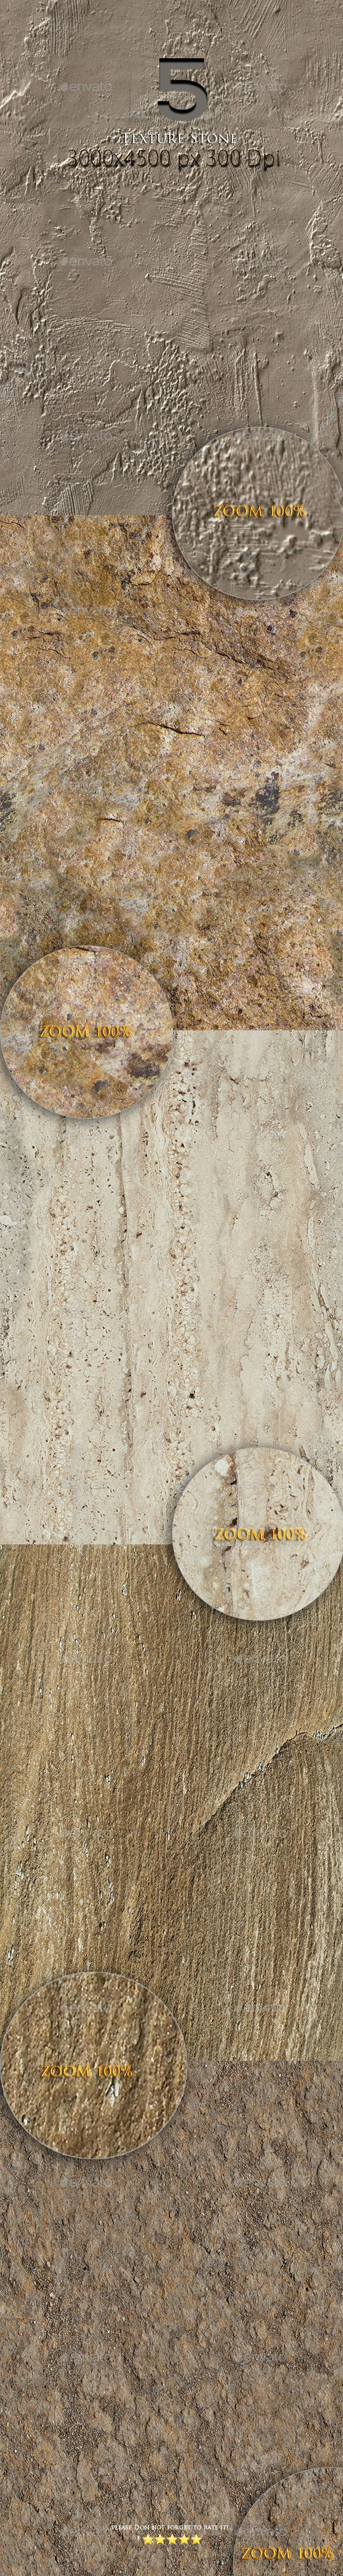 GraphicRiver 5 Texture Stone 9764001